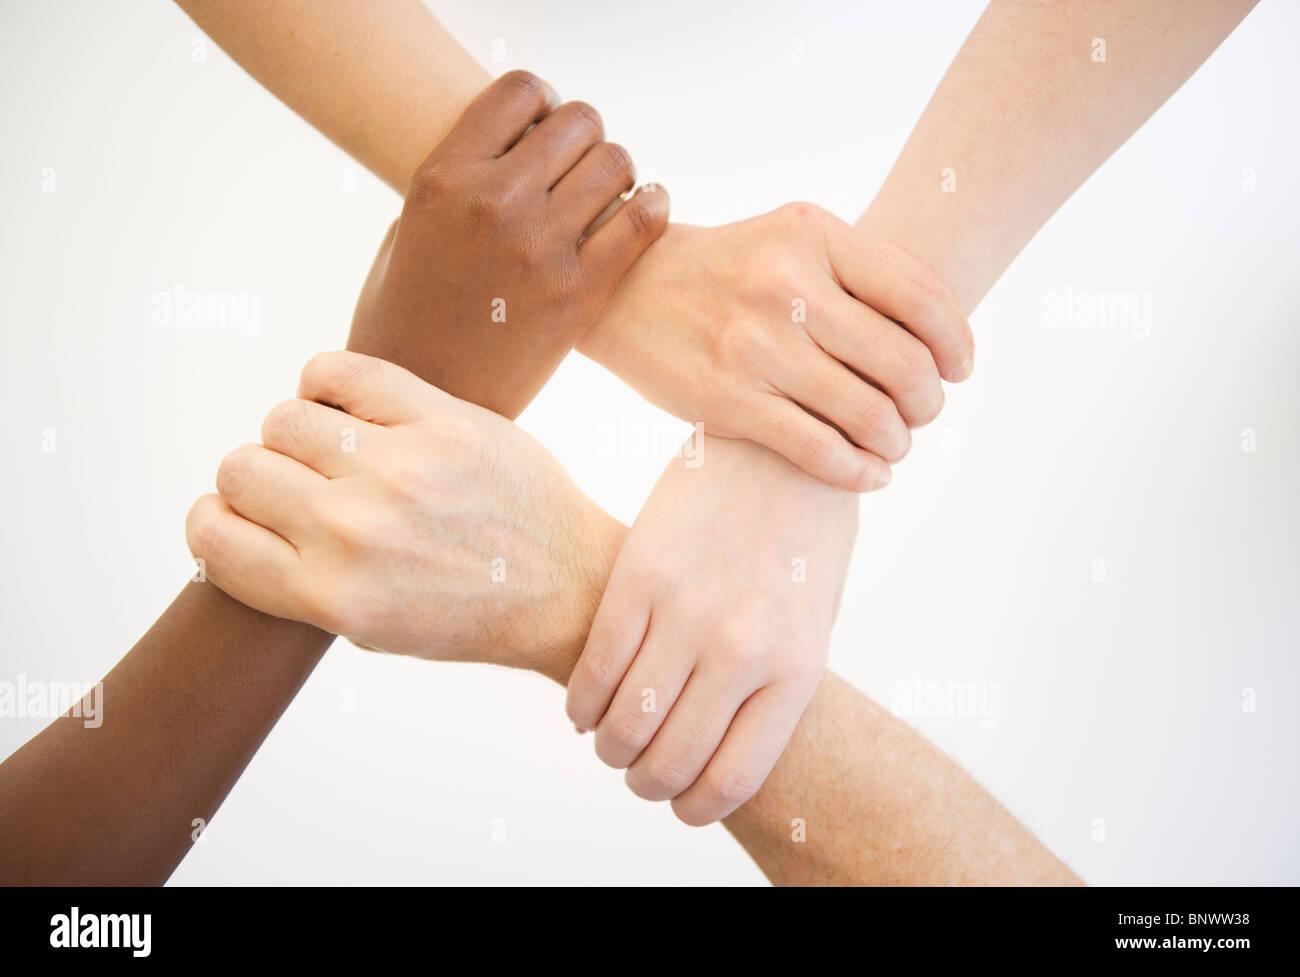 Vier Hände halten Handgelenke anderer Menschen Stockfoto